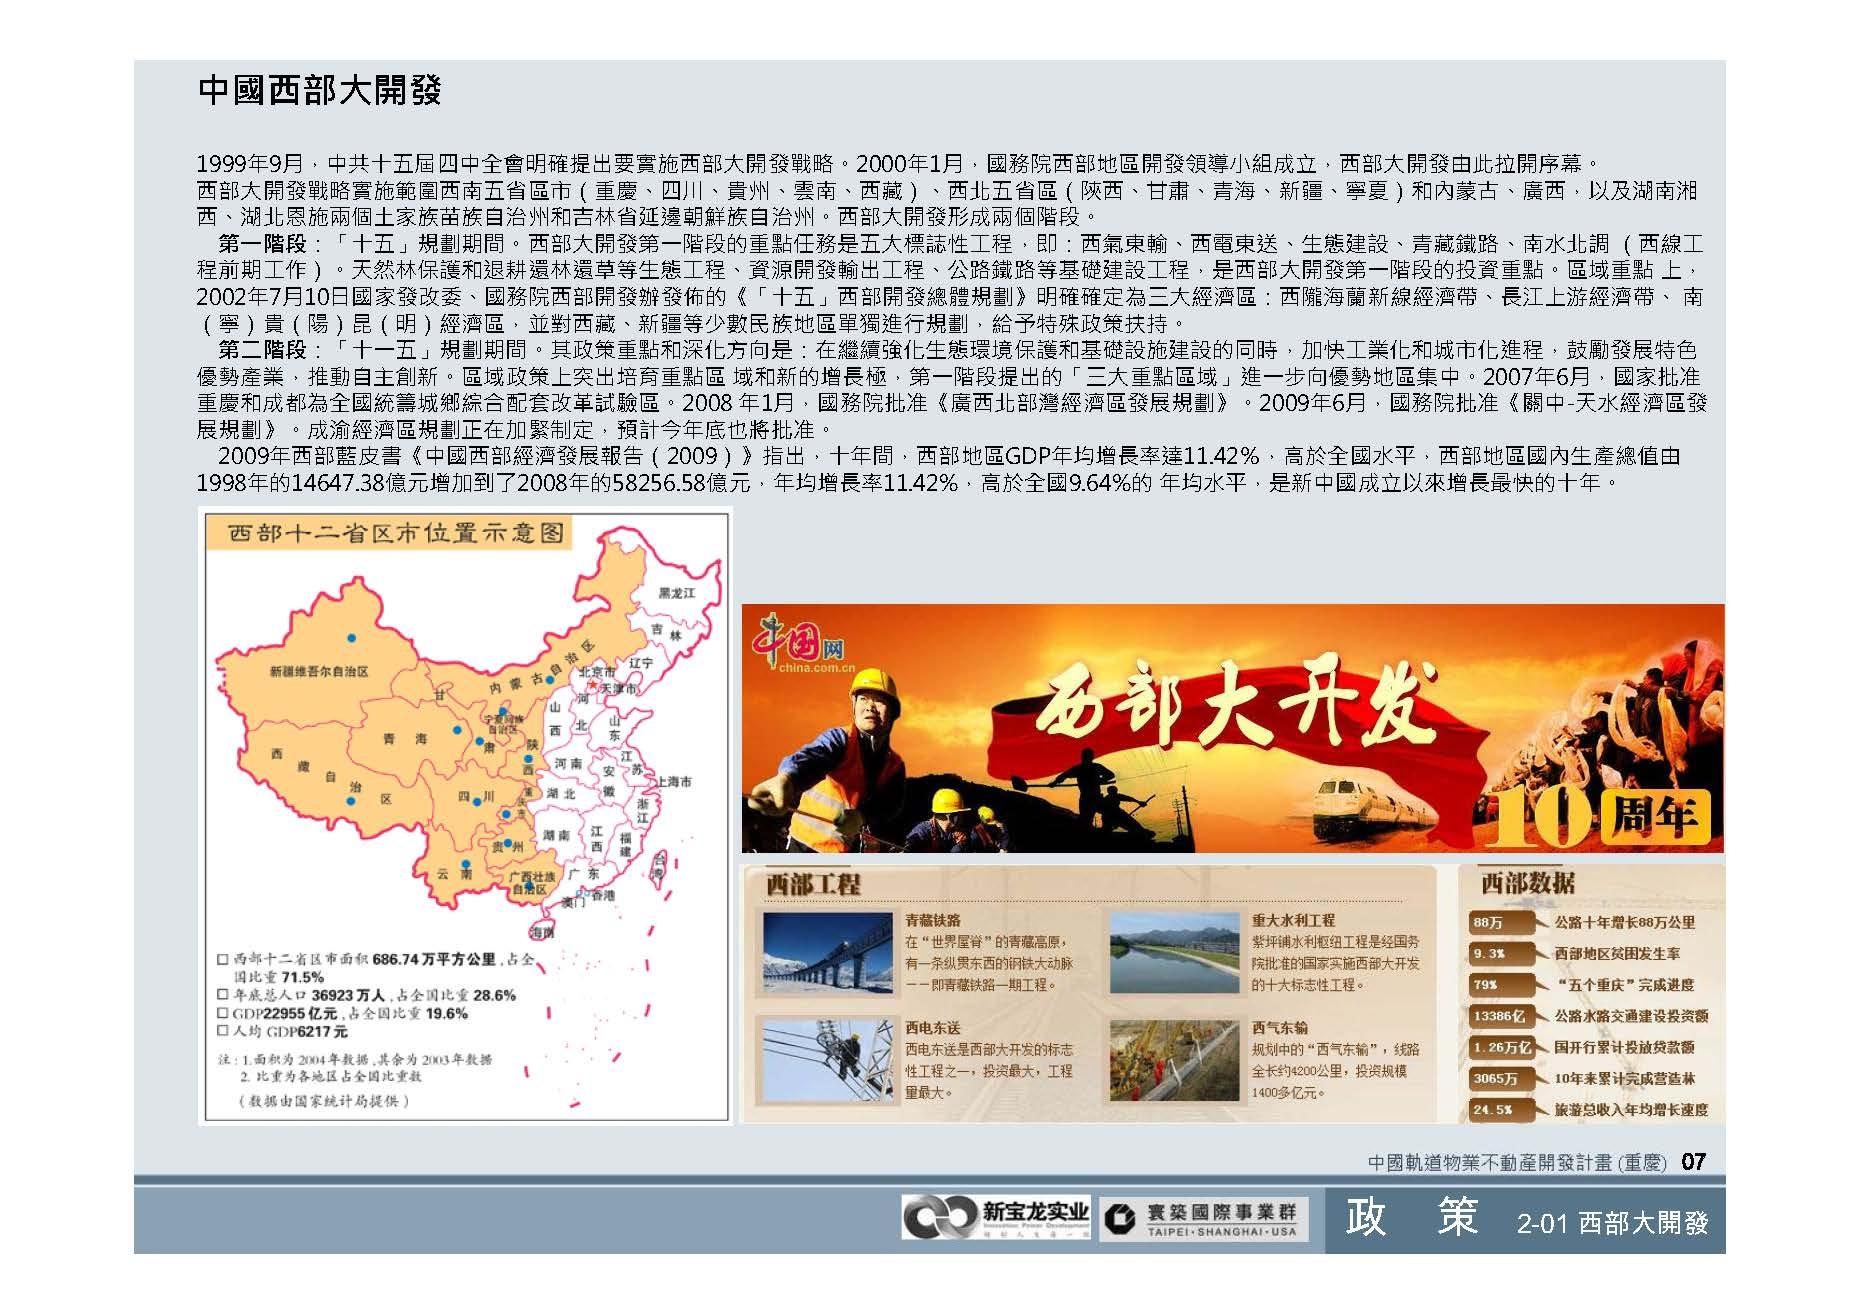 20100812-中國軌道物業不動產開發計畫(重慶)_頁面_08